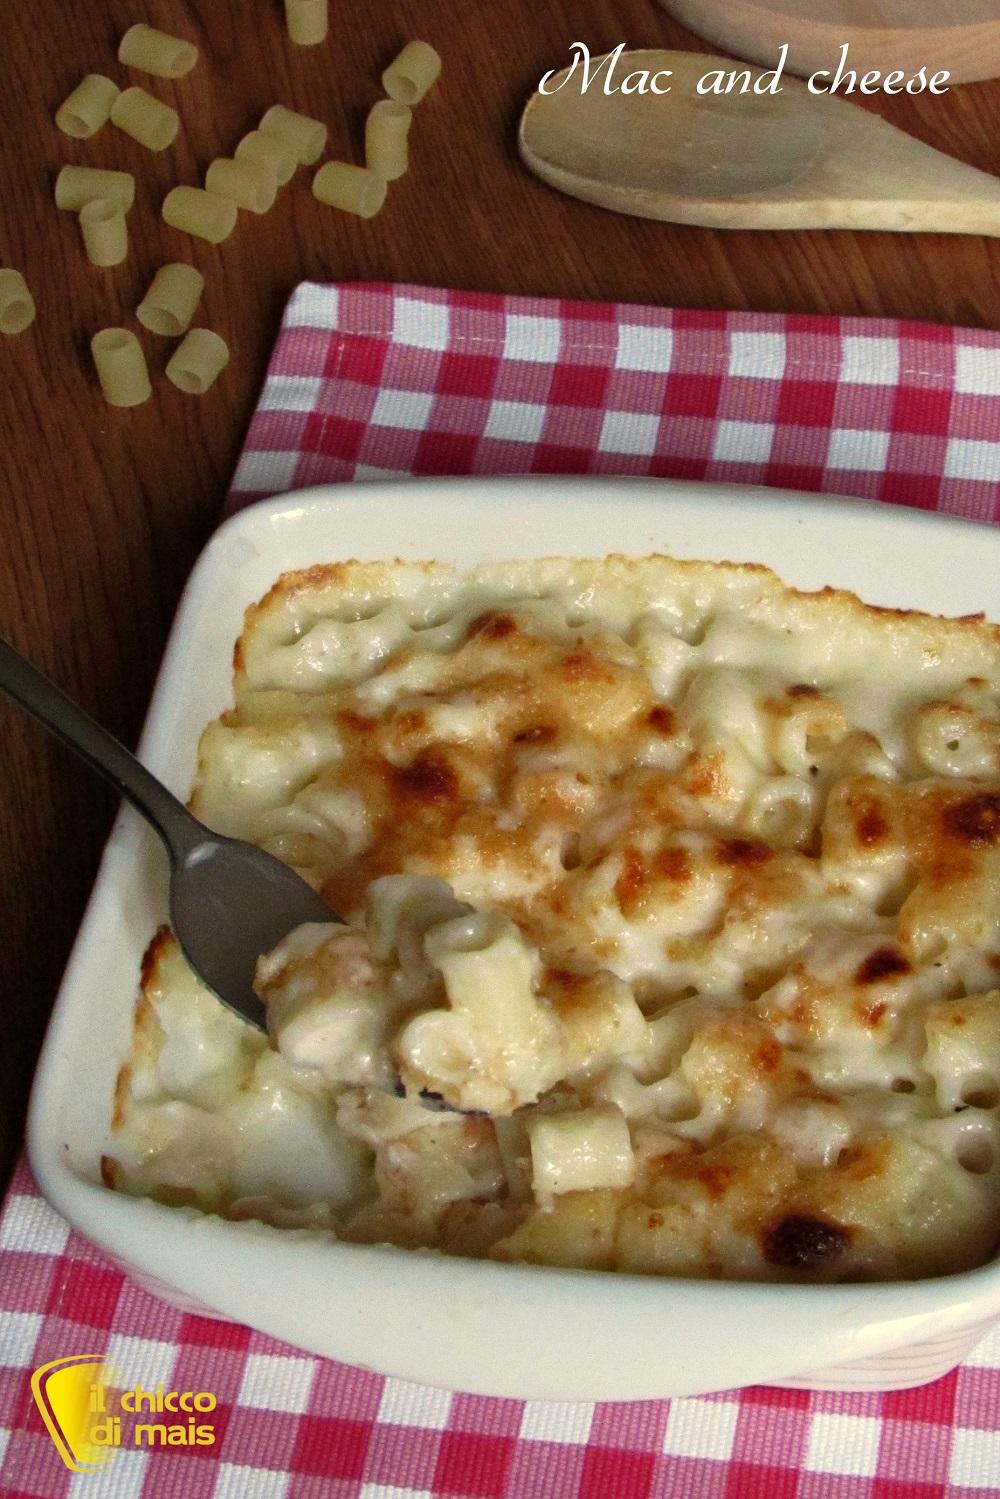 verticale_Mac and cheese macaroni and cheese maccheroni al formaggio ricetta americana il chicco di mais 1 fare la besciamella